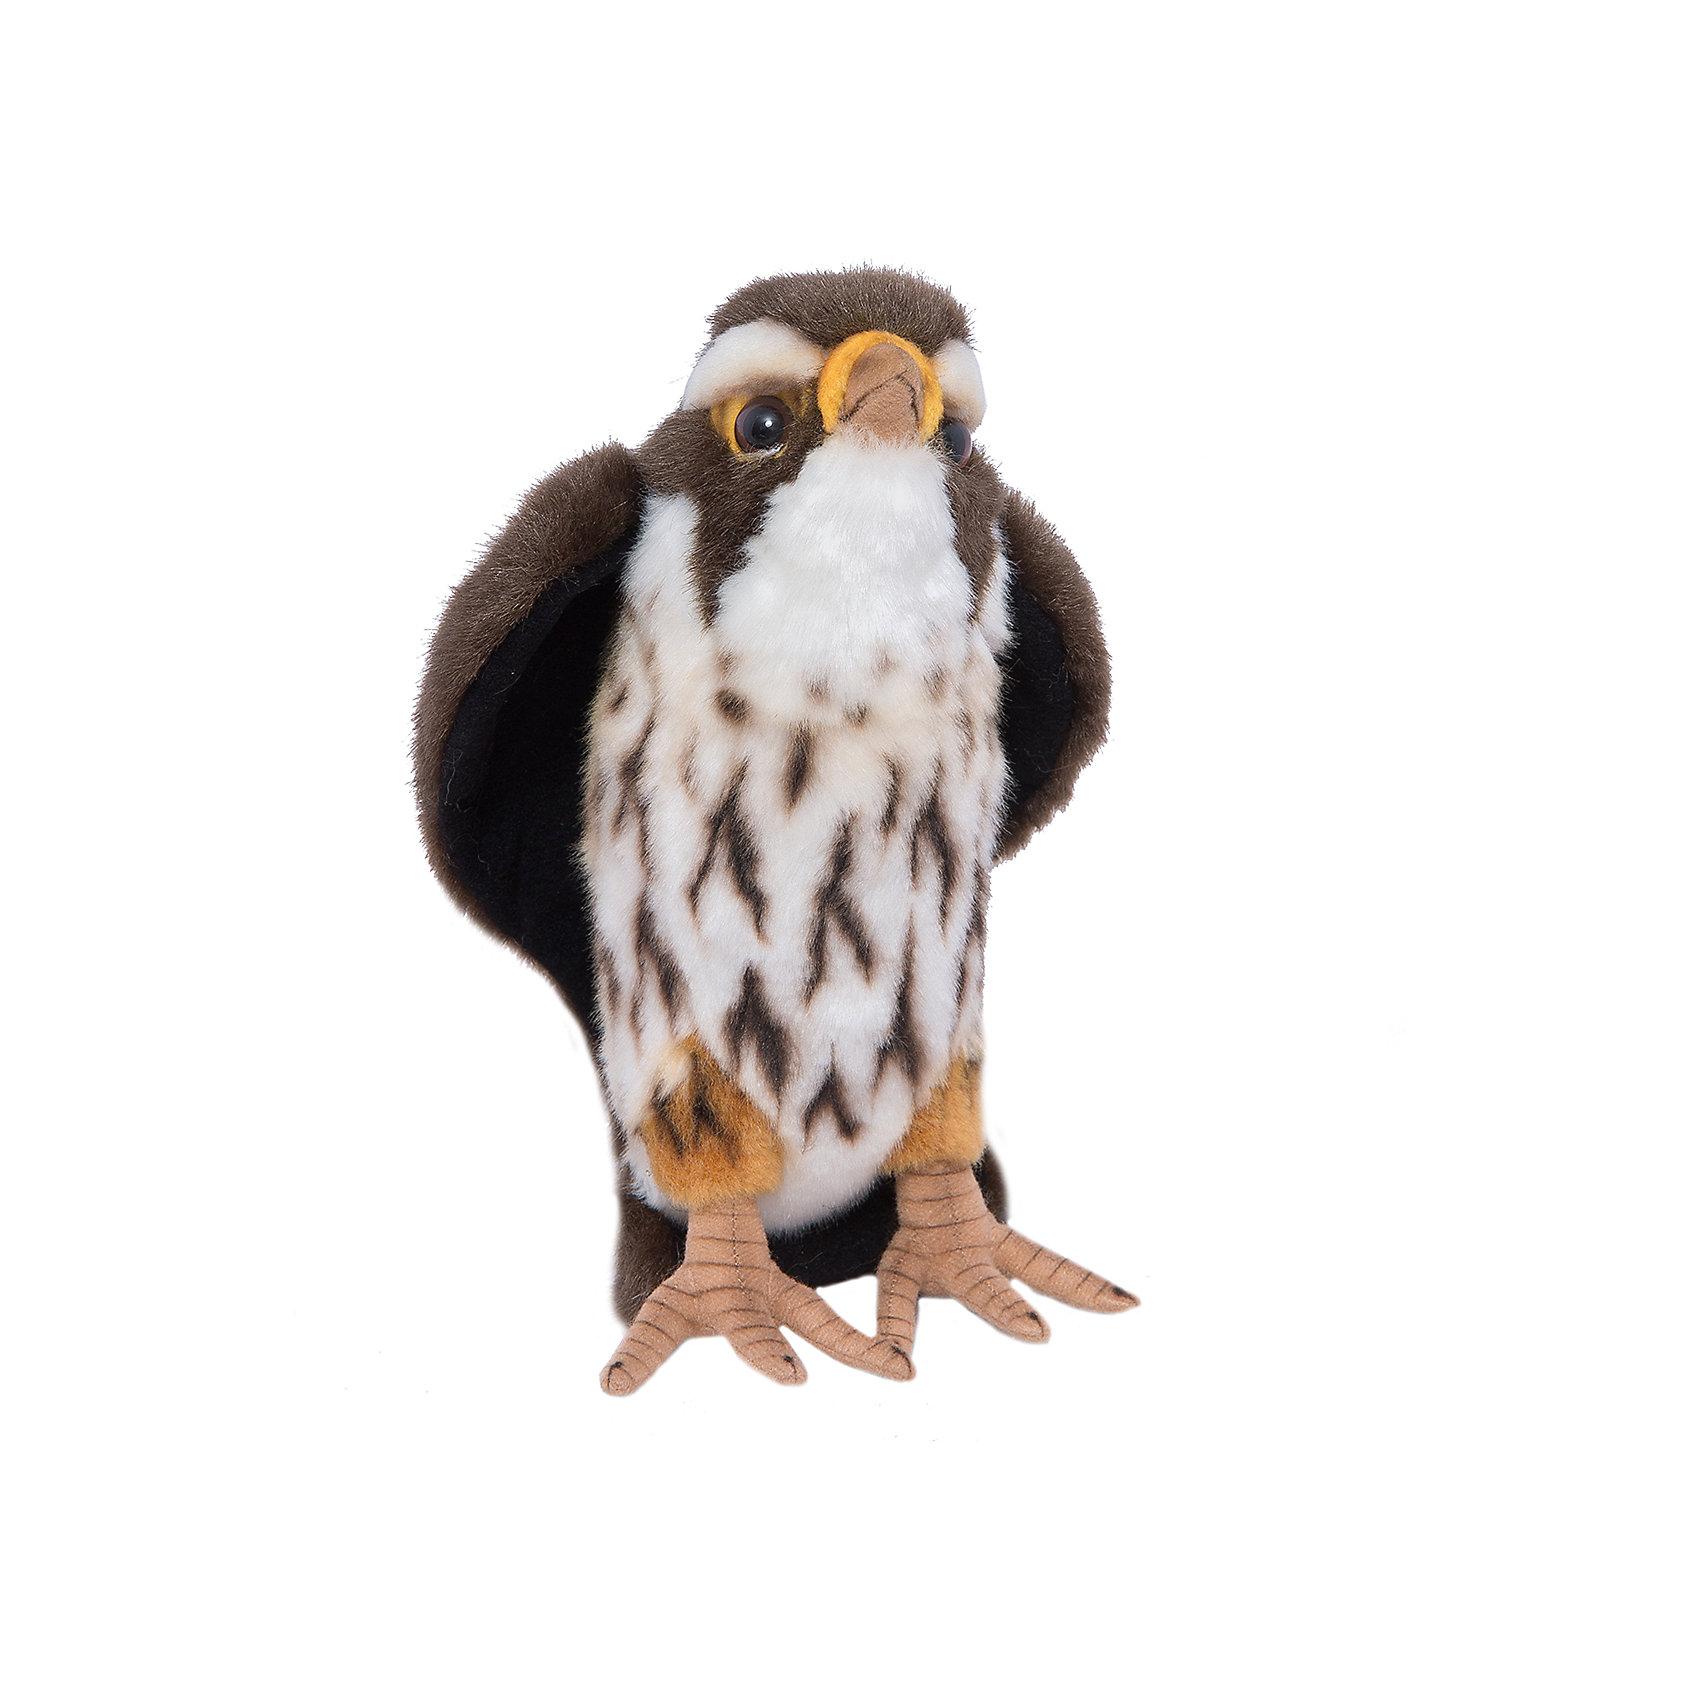 Сокол, 22 мМягкие игрушки животные<br>Сокол, 22 см – игрушка от знаменитого бренда Hansa, специализирующегося на выпуске мягких игрушек с высокой степенью натуралистичности. Внешний вид игрушечного сокола полностью соответствует реальному прототипу. Игрушка выполнена из темно-коричневого меха с ворсом средней длины, который обладает гипоаллергенными свойствами. Внутри имеется металлический каркас, который позволяет изменять положение. Игрушка относится к серии Хищные птицы. <br>Мягкие игрушки от Hansa подходят для сюжетно-ролевых игр или для обучающих игр. Кроме того, их можно использовать в качестве интерьерных игрушек. Игрушки от Hansa будут радовать вашего ребенка долгое время, так как ручная работа и качественные материалы гарантируют их долговечность и прочность.<br><br>Дополнительная информация:<br><br>- Вид игр: сюжетно-ролевые игры, коллекционирование, интерьерные игрушки<br>- Предназначение: для дома, для детских развивающих центров, для детских садов<br>- Материал: искусственный мех, наполнитель ? полиэфирное волокно<br>- Размер (ДхШхВ): 22*10*16 см<br>- Вес: 280 г<br>- Особенности ухода: сухая чистка при помощи пылесоса или щетки для одежды<br><br>Подробнее:<br><br>• Для детей в возрасте: от 3 лет <br>• Страна производитель: Филиппины<br>• Торговый бренд: Hansa<br><br>Сокола, 22 см можно купить в нашем интернет-магазине.<br><br>Ширина мм: 22<br>Глубина мм: 10<br>Высота мм: 16<br>Вес г: 280<br>Возраст от месяцев: 36<br>Возраст до месяцев: 2147483647<br>Пол: Унисекс<br>Возраст: Детский<br>SKU: 4927152